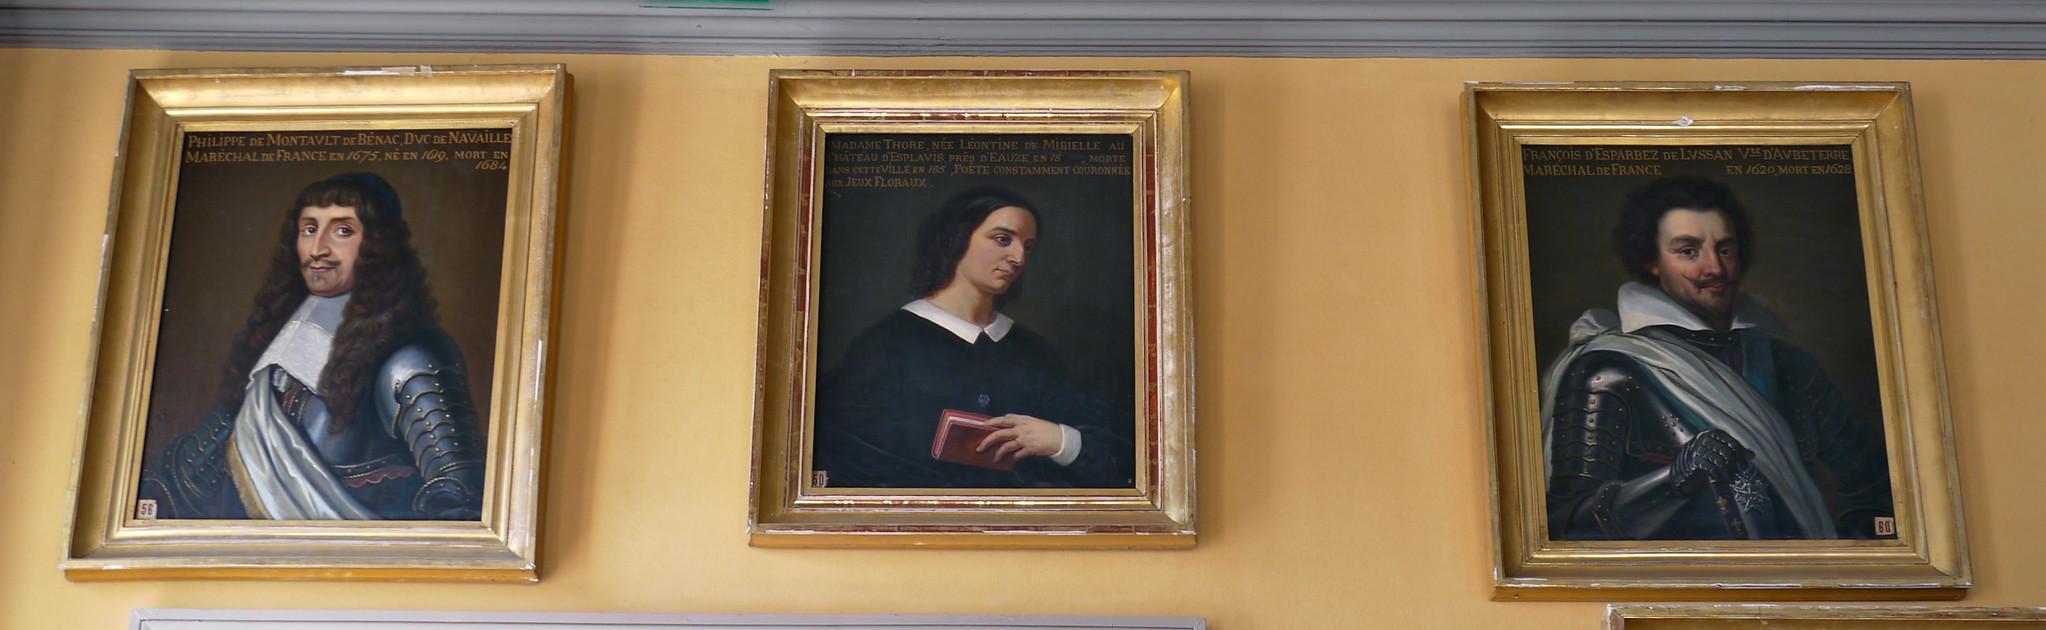 Auch, Gers: salle des Illustres à l'hôtel de ville, François d'Esparbez de Lussan, Mme Thore née Léontine de Mibielle (la seule femme de la salle!) et Philippe de Montault de Bénac (duc de Navailles maréchal de France).